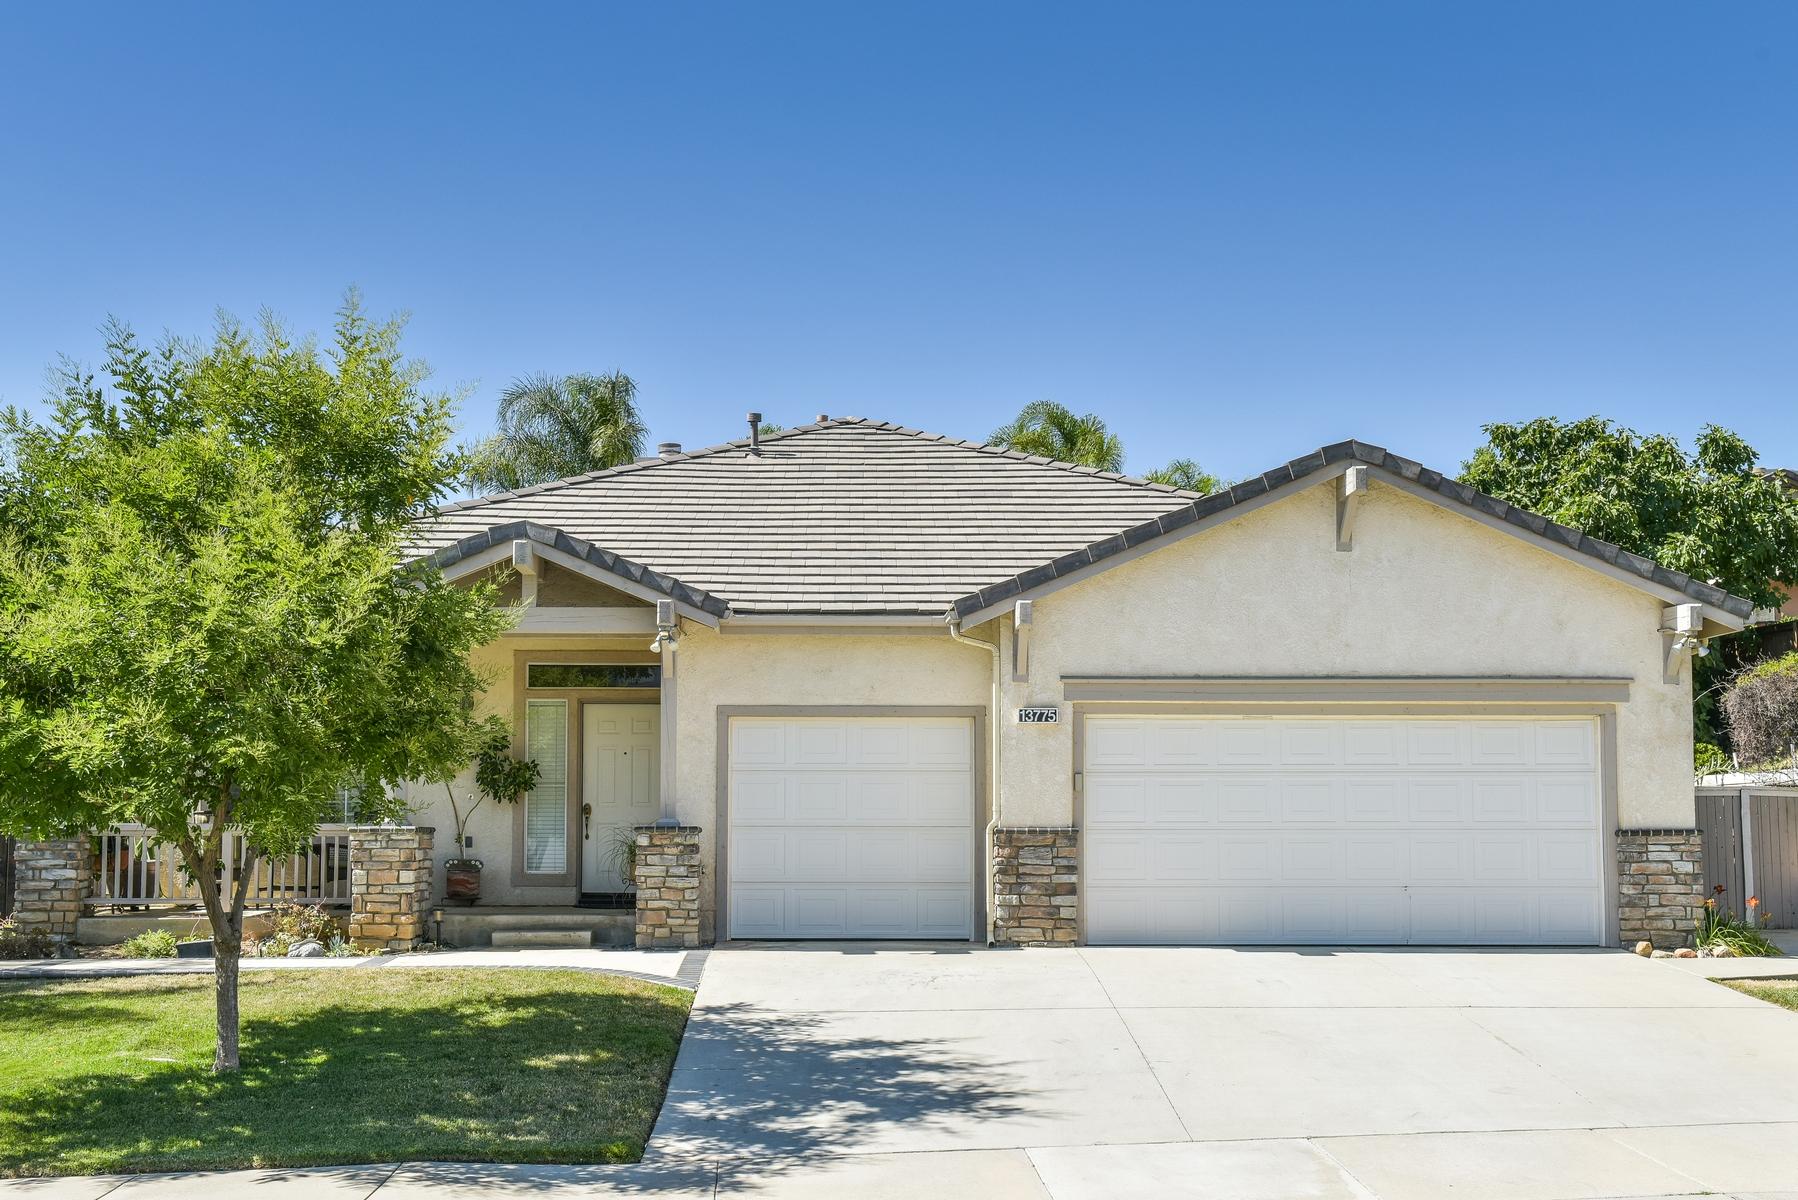 Maison unifamiliale pour l Vente à 13775 Palomino Creek Drive, Corona Corona, Californie, 92883 États-Unis